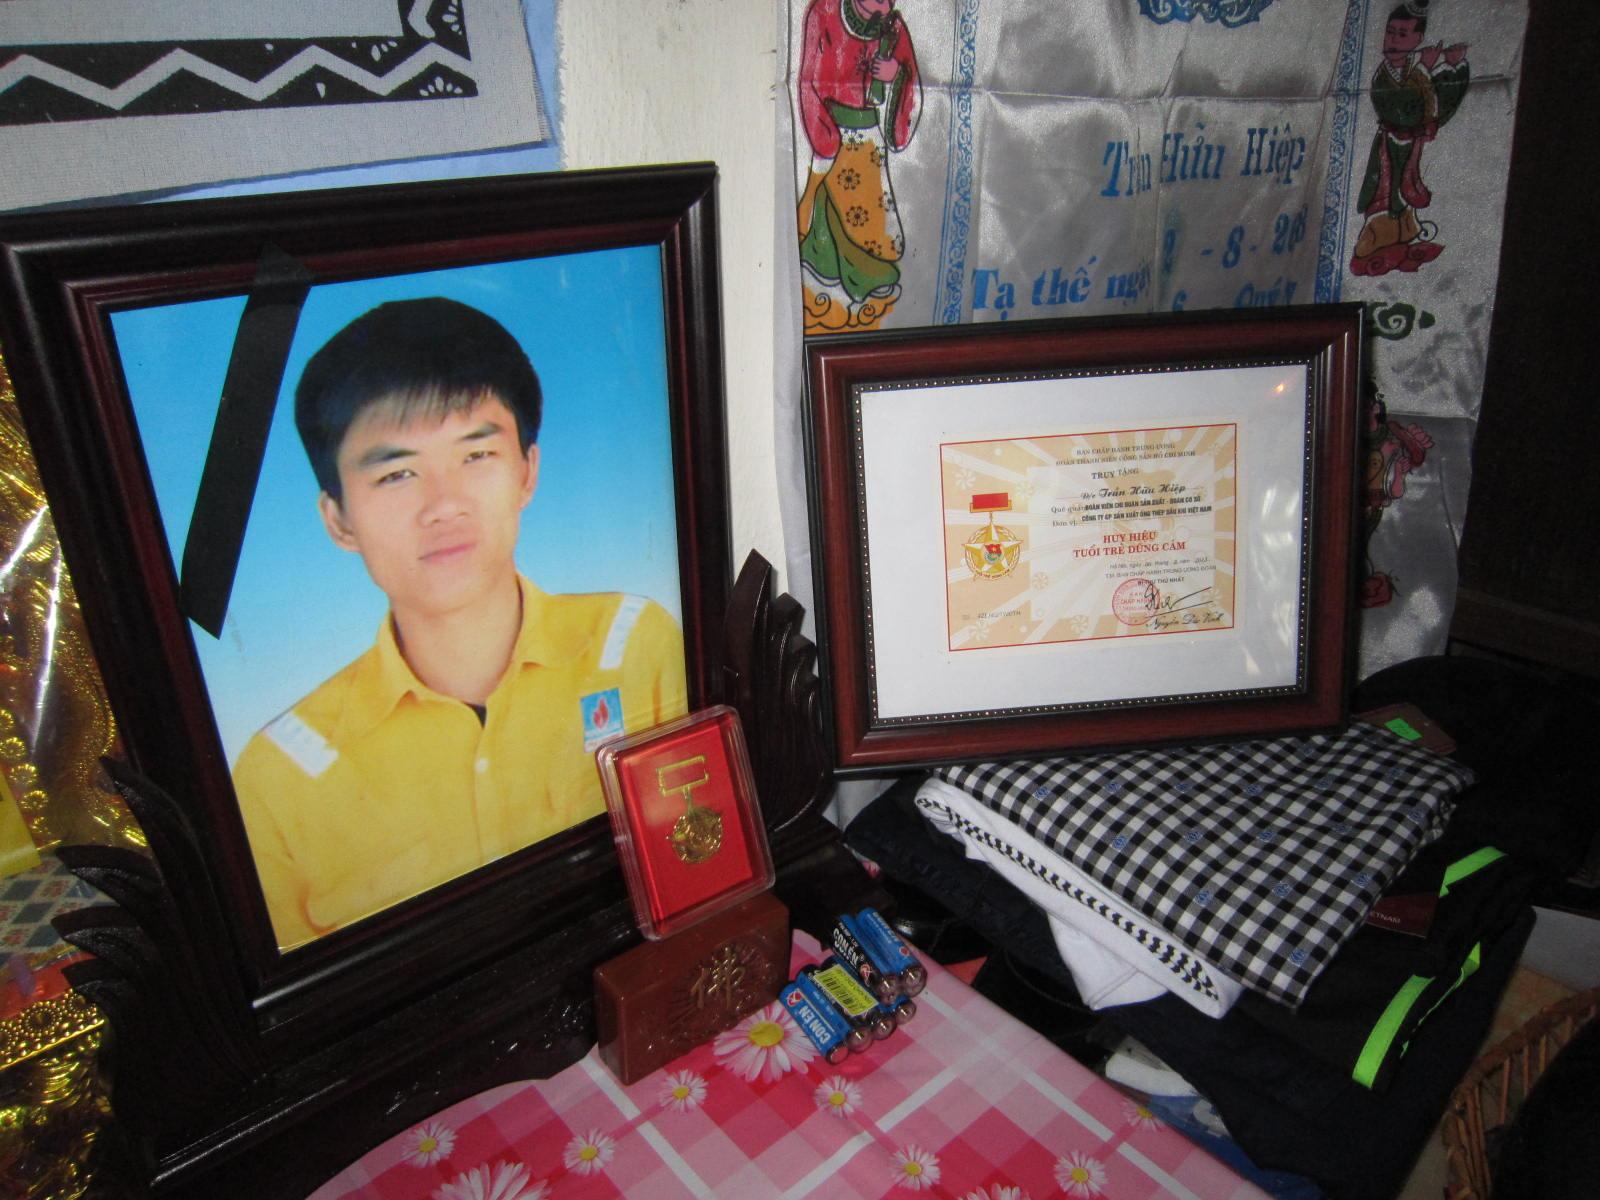 Những bộ quần áo mới, bằng khen, huy hiệu được đặt trang trọng trên bàn thờ anh Trần Hữu Hiệp.